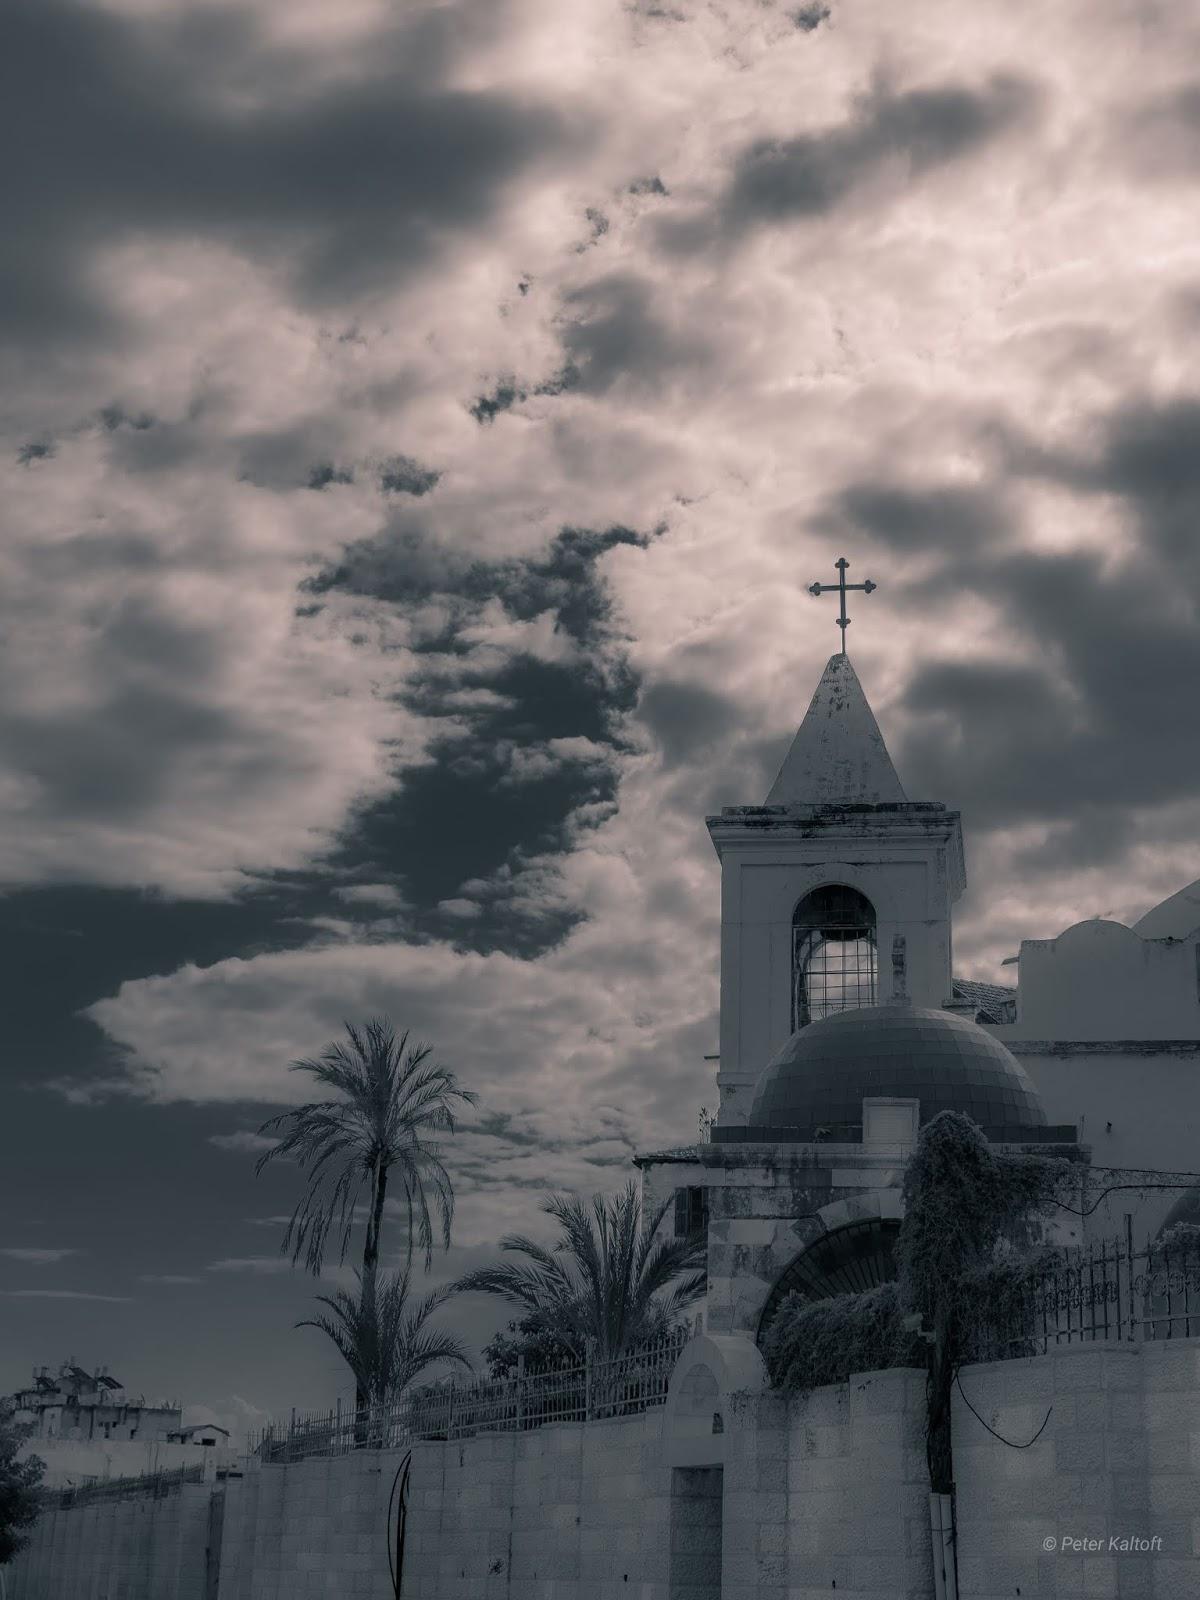 The Coptic church in Jaffa